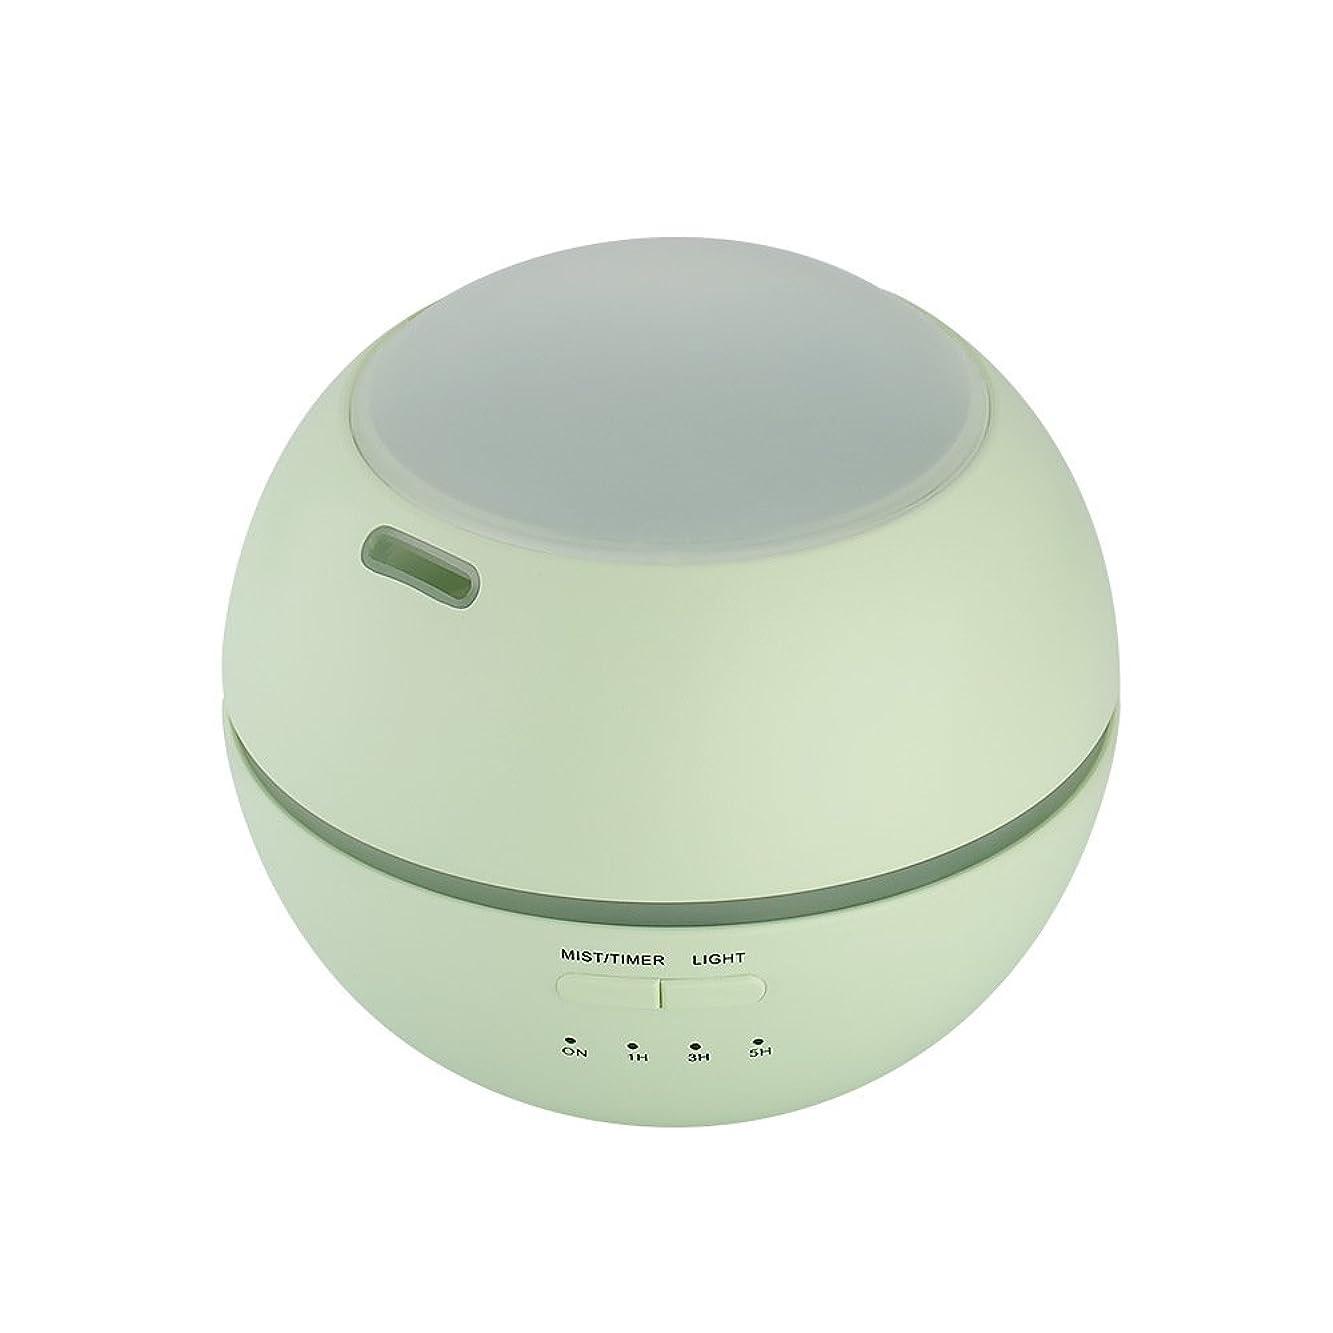 極地類人猿もっと少なく小さい携帯用空気清浄器、家の赤ん坊部屋のための7色の変更の夜プロジェクター香りの空気加湿器,Green